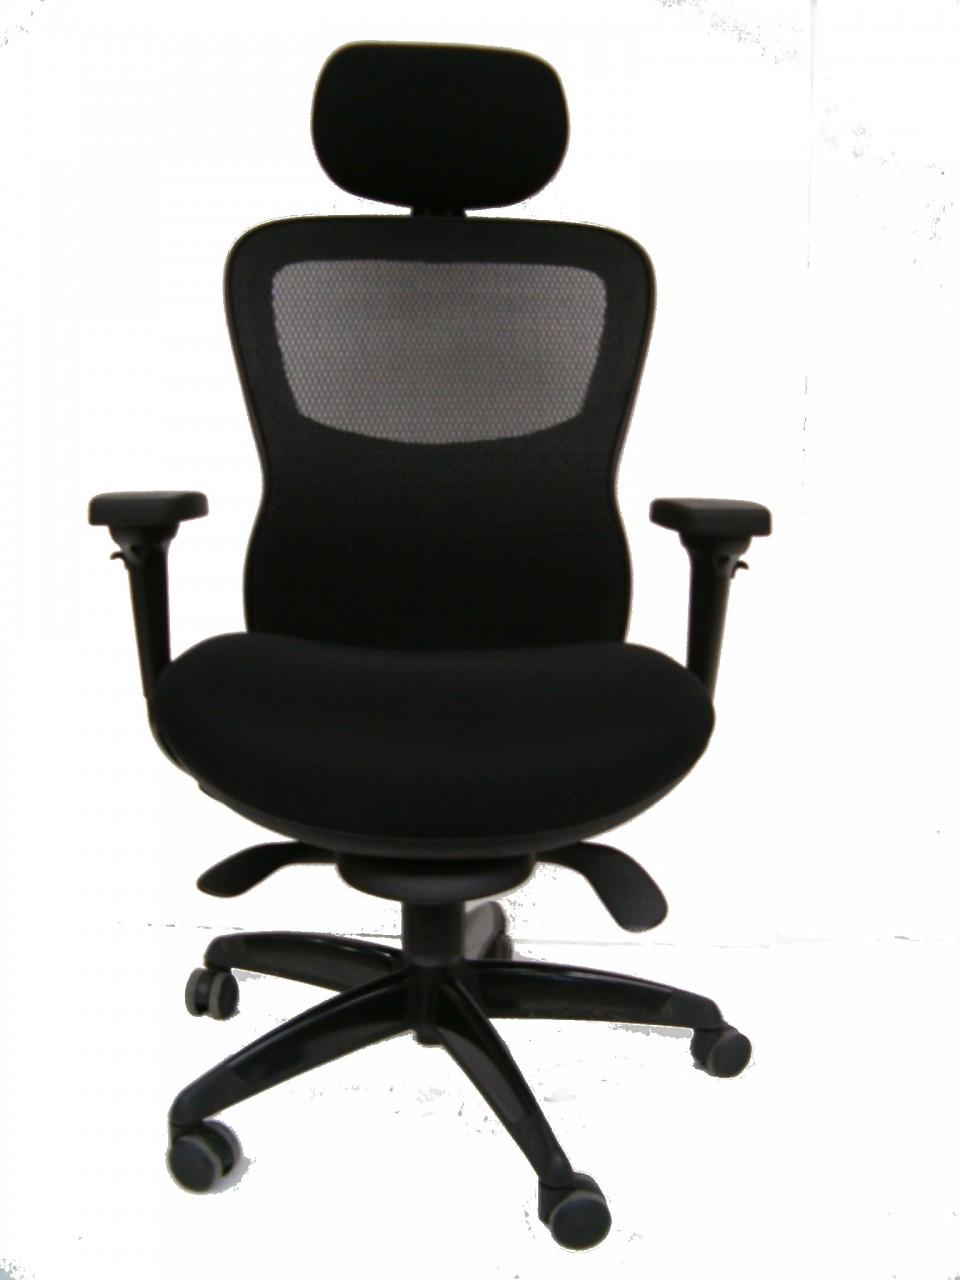 Fauteuil de bureau ergonomique athos achat si ges - Fauteuil de bureau marvin ...